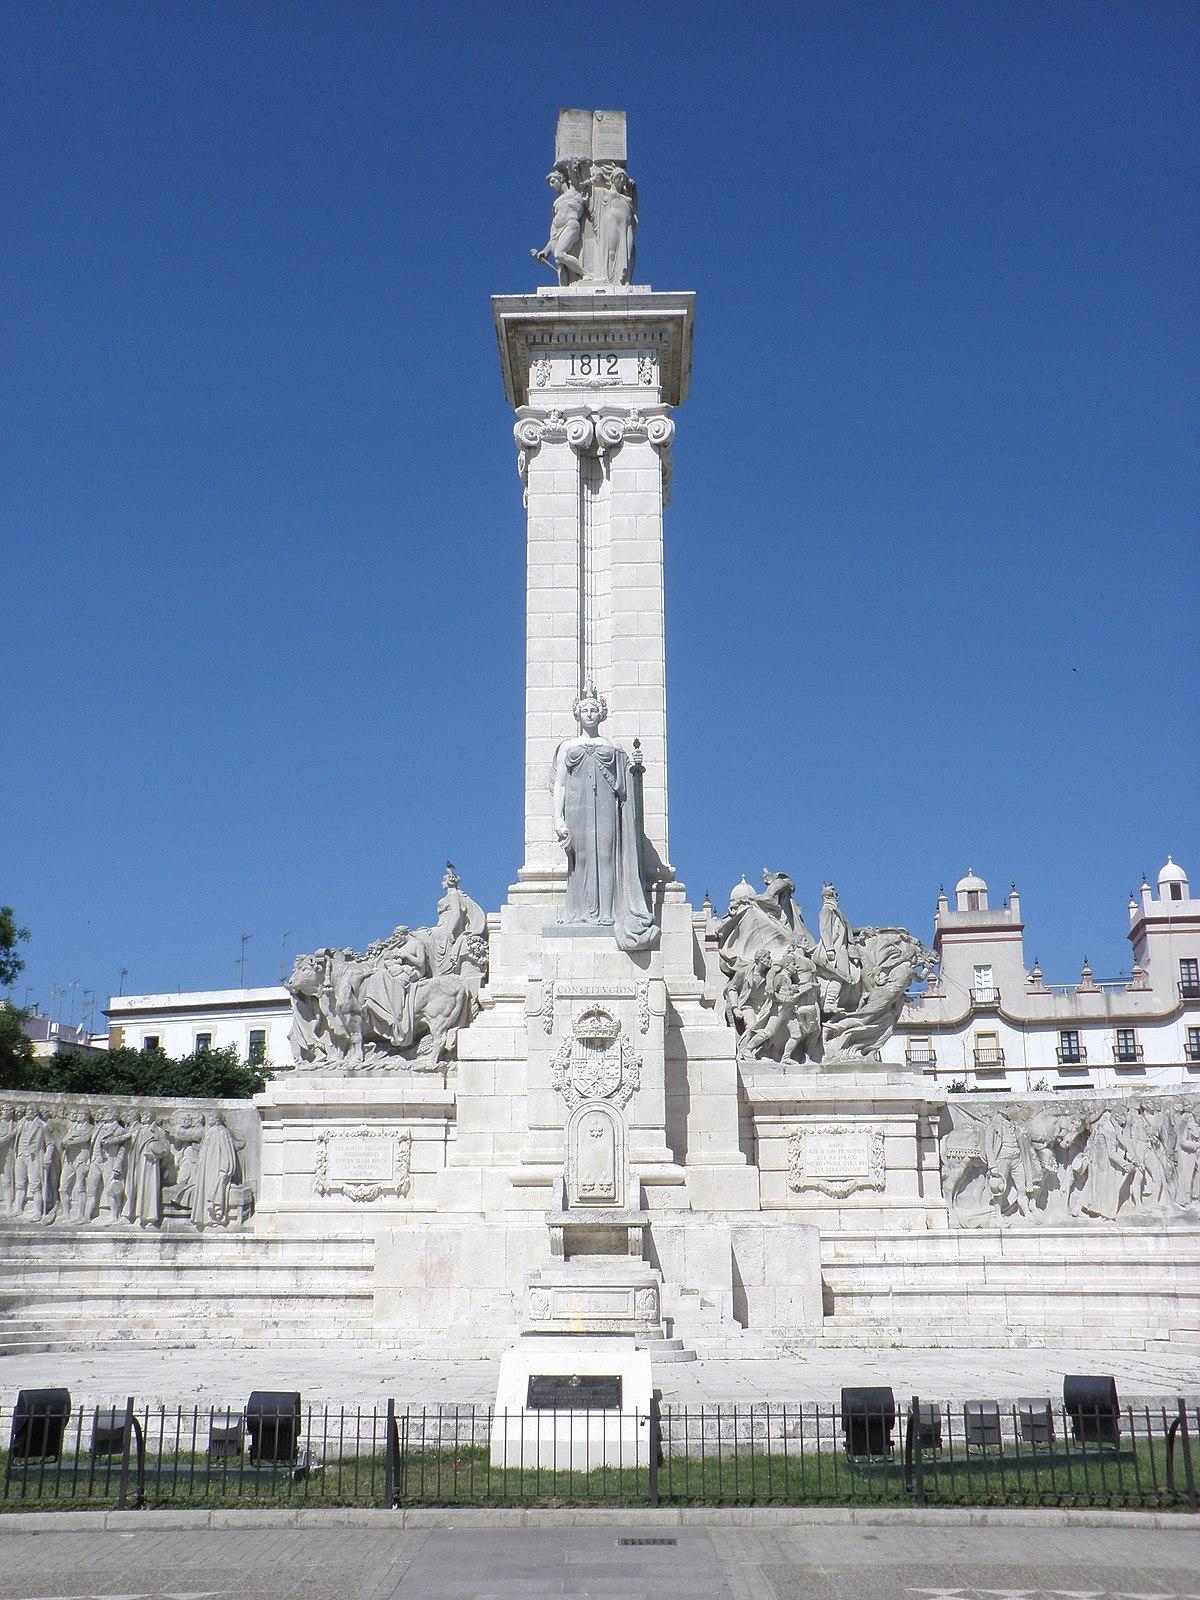 Plaza de espa a c diz wikipedia la enciclopedia libre - Arquitectos cadiz ...